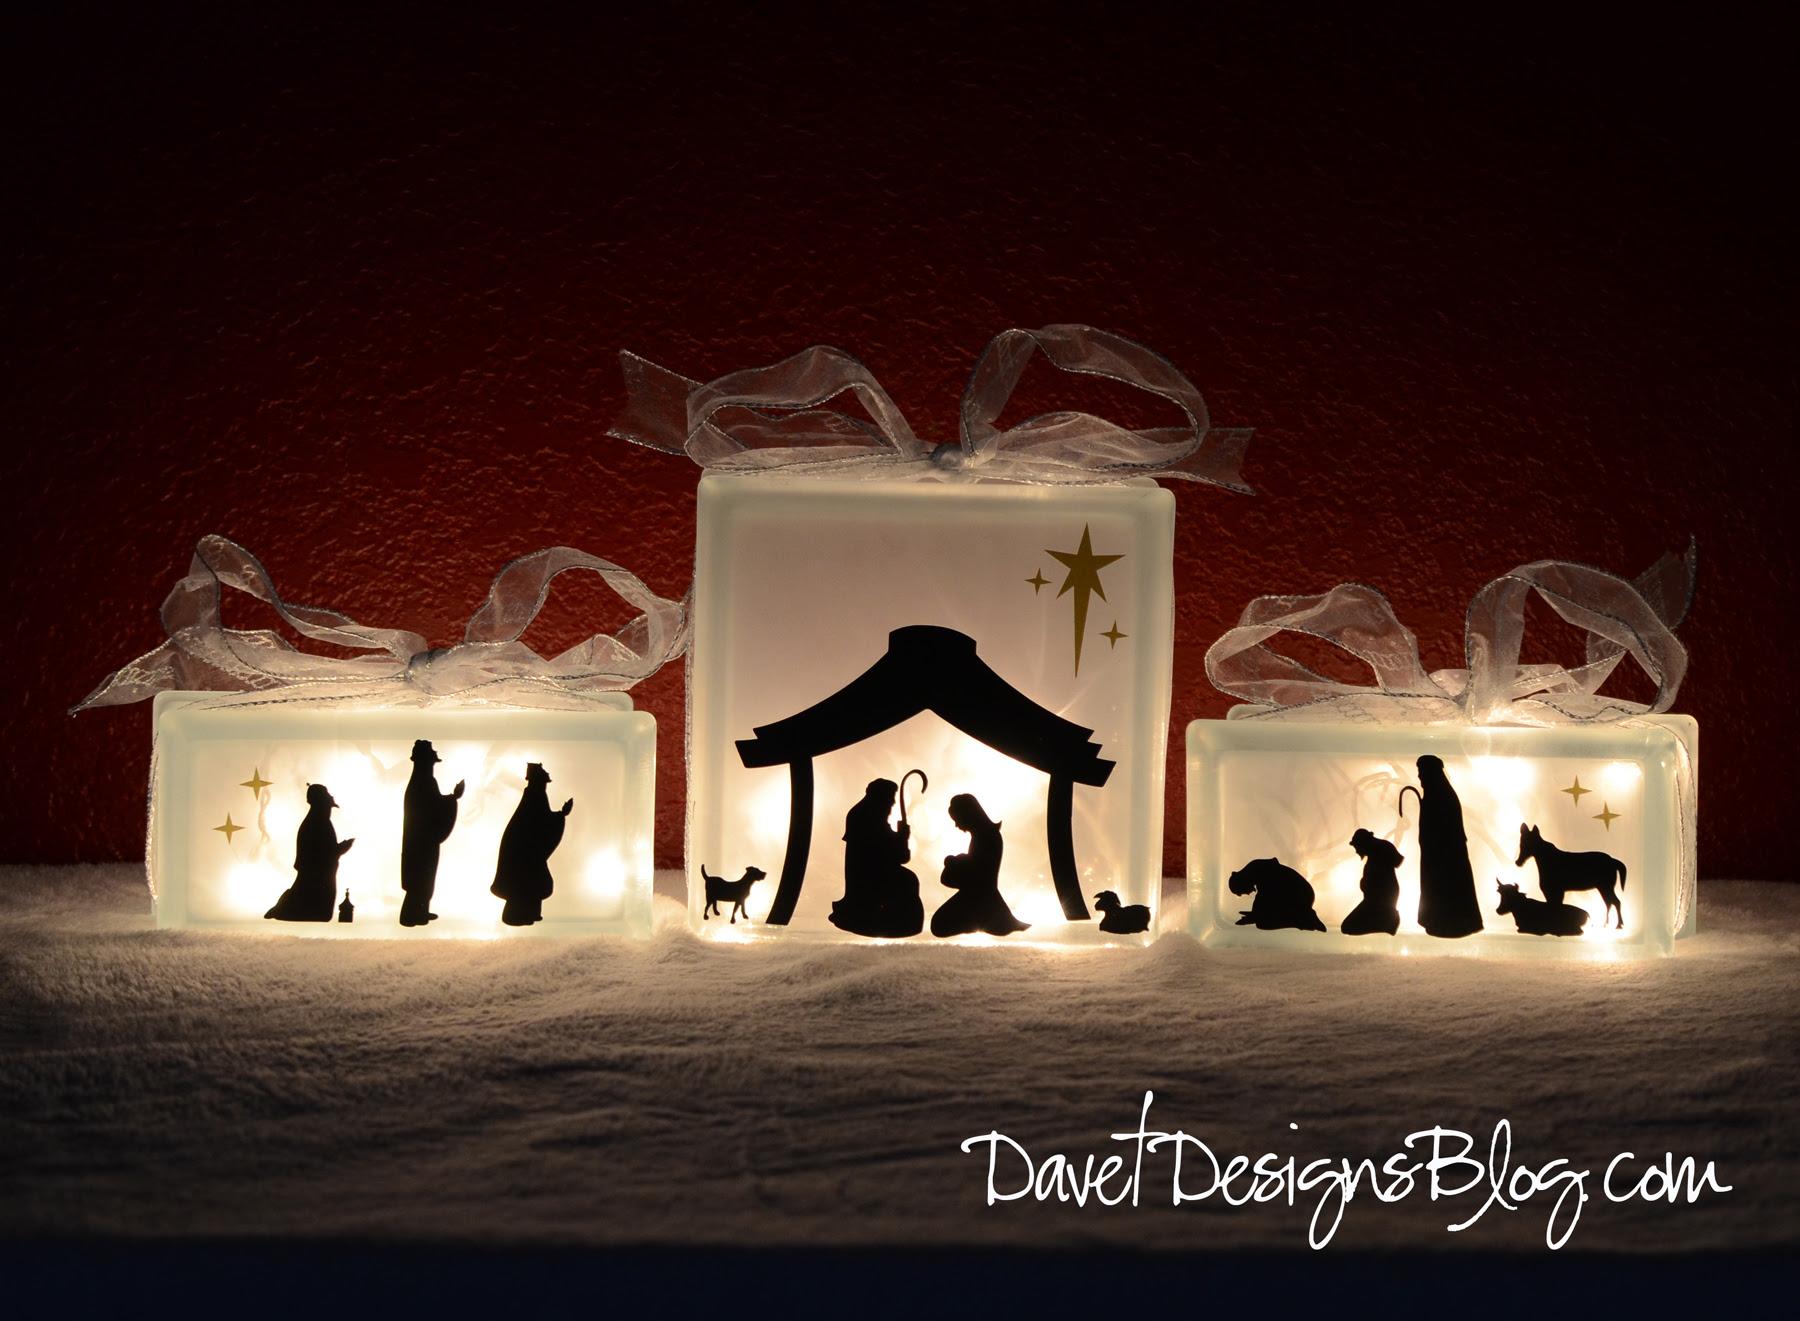 KraftyBlok Nativity Scene With Vinyl Decals Tutorial